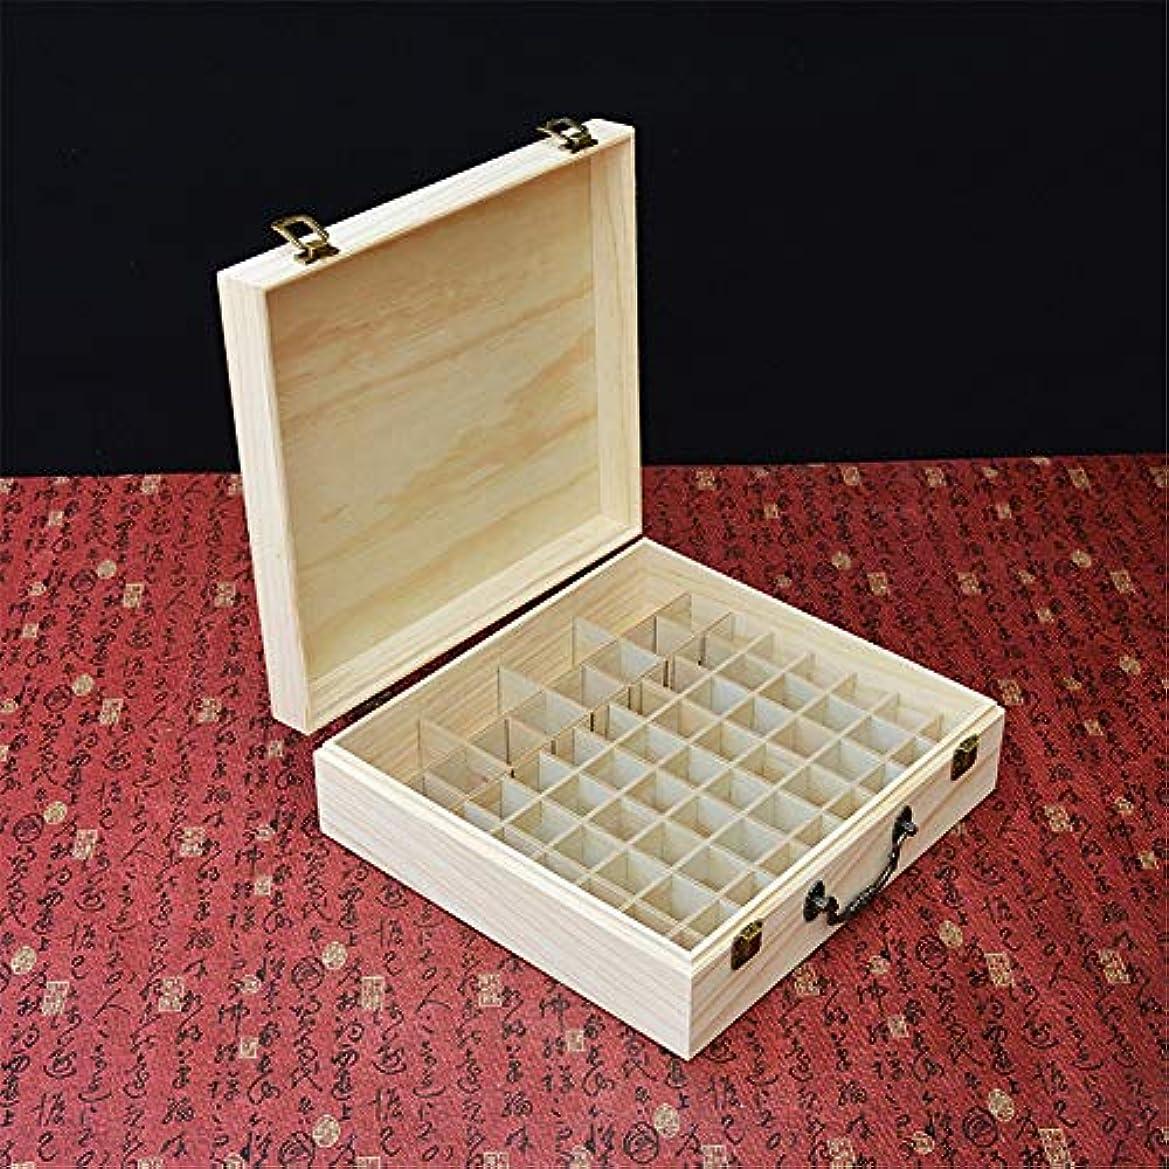 ファックスセッティングロバ旅行やプレゼンテーションのために66スロット木製エッセンシャルオイルストレージボックスパーフェクト アロマセラピー製品 (色 : Natural, サイズ : 31.5X29X10CM)